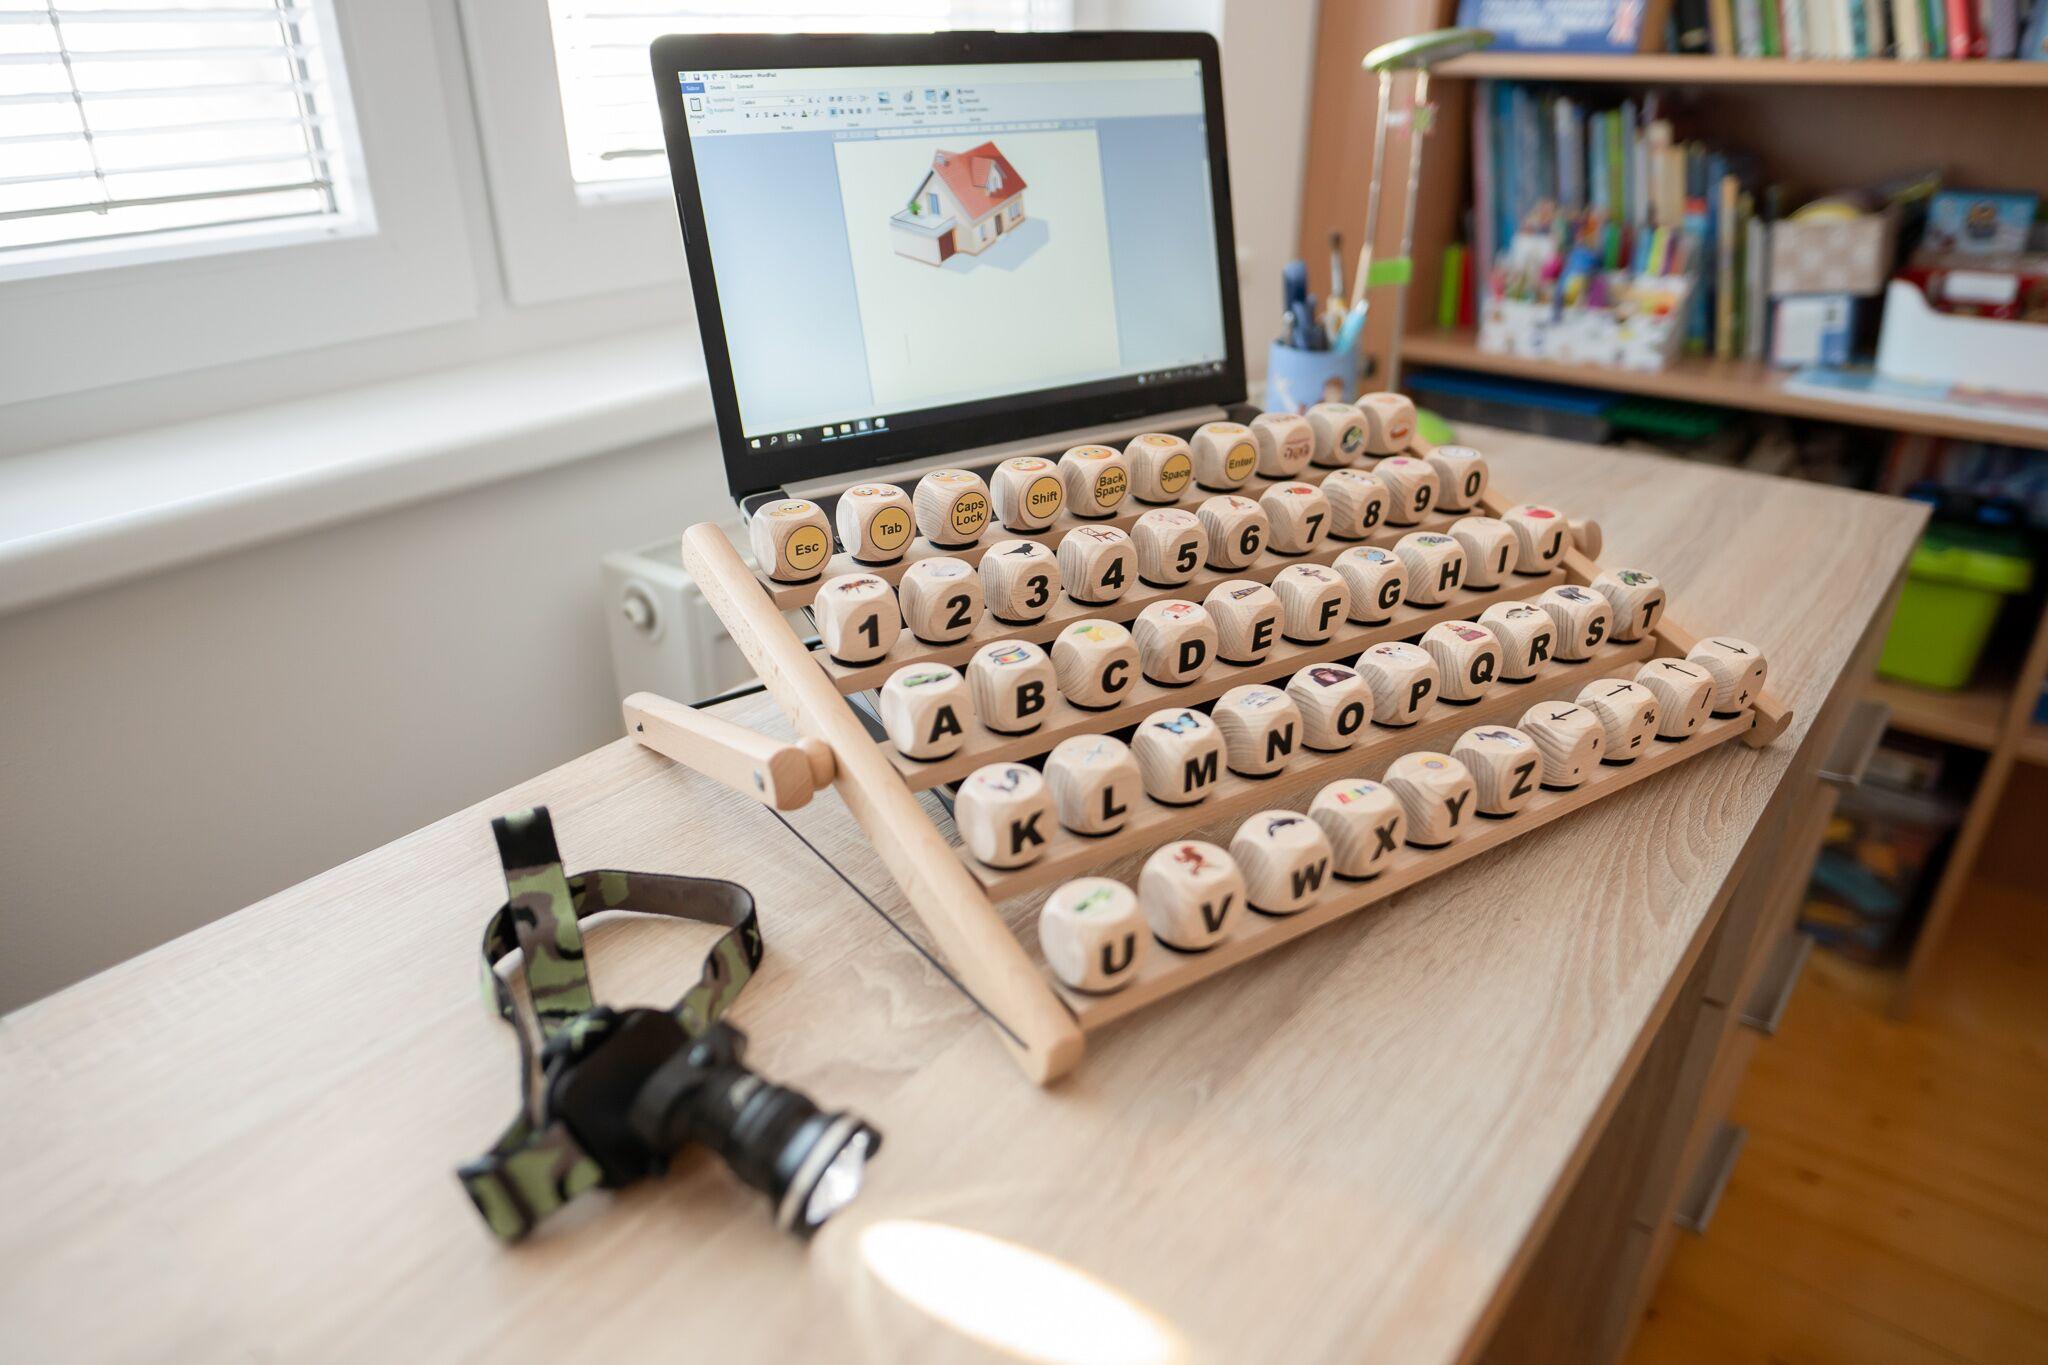 Klávesnica pre hendikepovaných sa stala víťazom Inovačnej súťaže